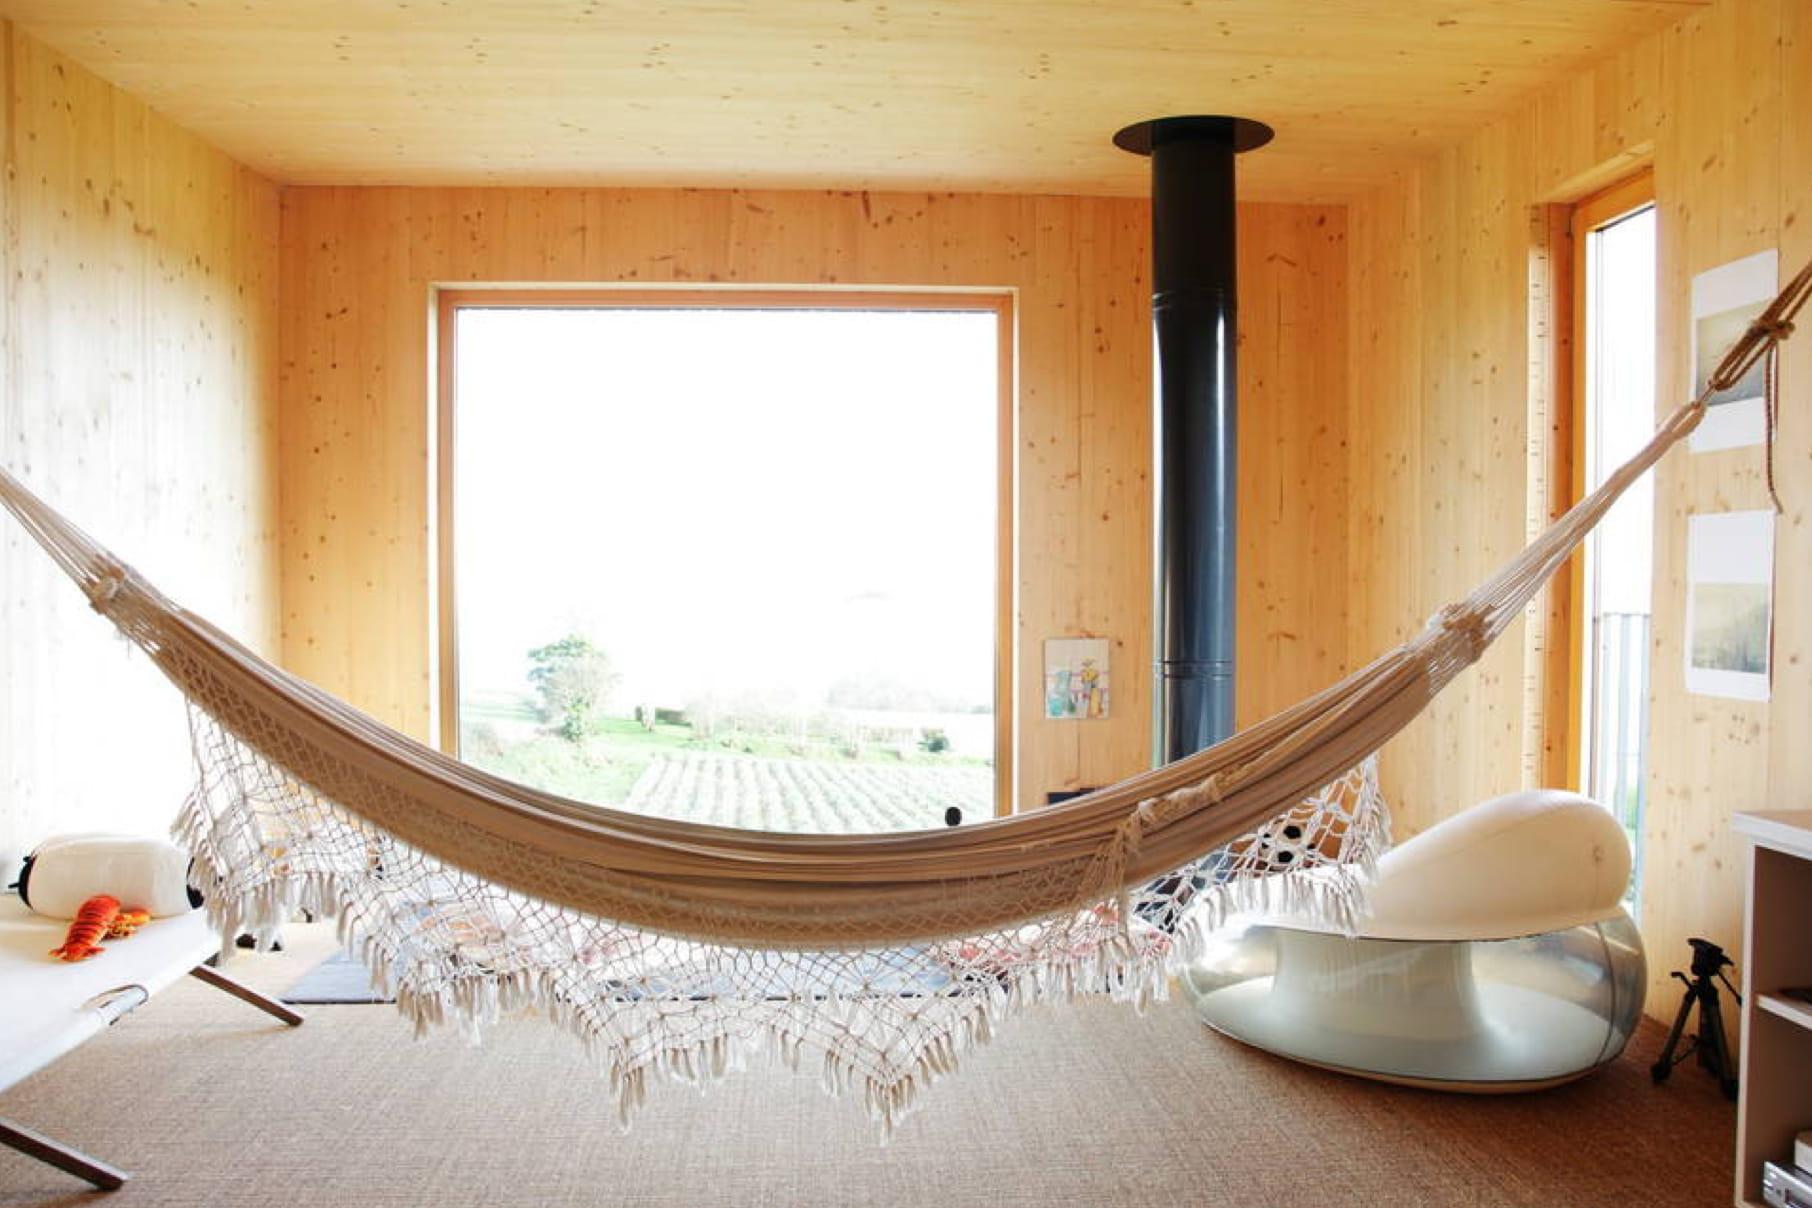 une maison bioclimatique morlaix 15 locations airbnb insolites en france linternaute. Black Bedroom Furniture Sets. Home Design Ideas